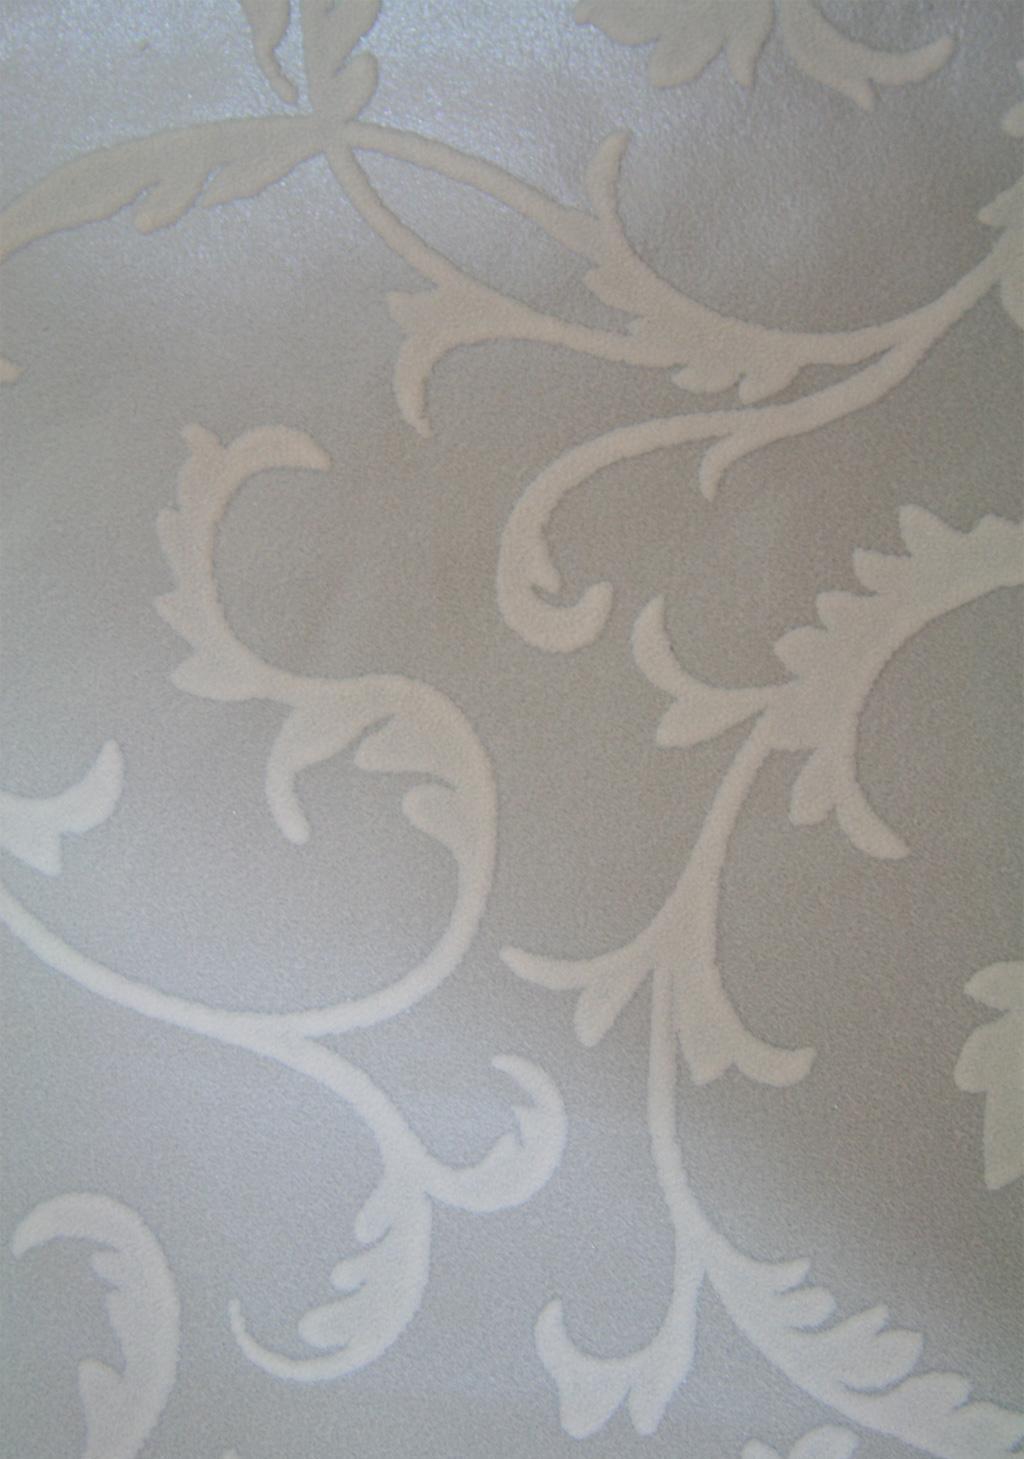 豪美迪壁纸欧式系列-5546355463